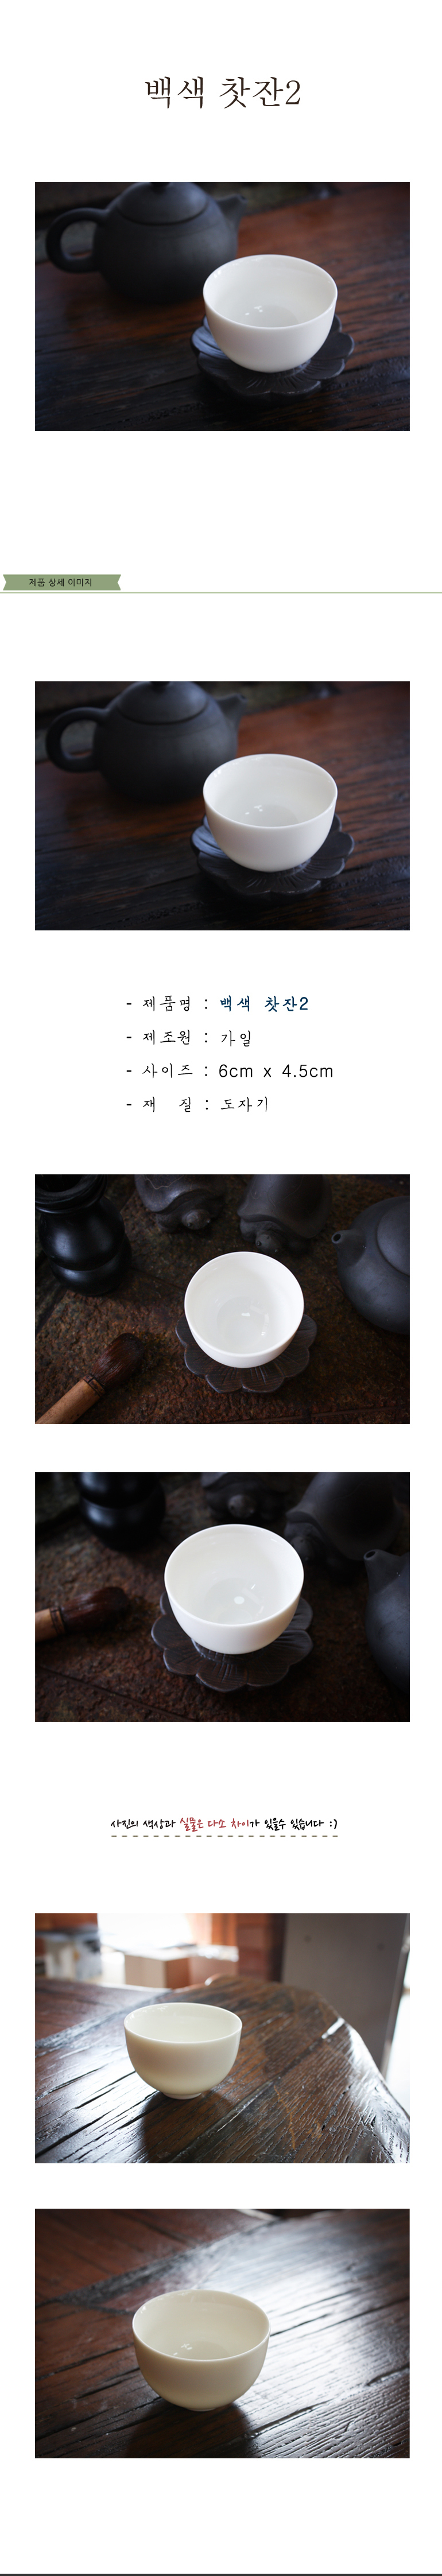 백색찻잔2 - 가일, 2,700원, 커피잔/찻잔, 커피잔/찻잔